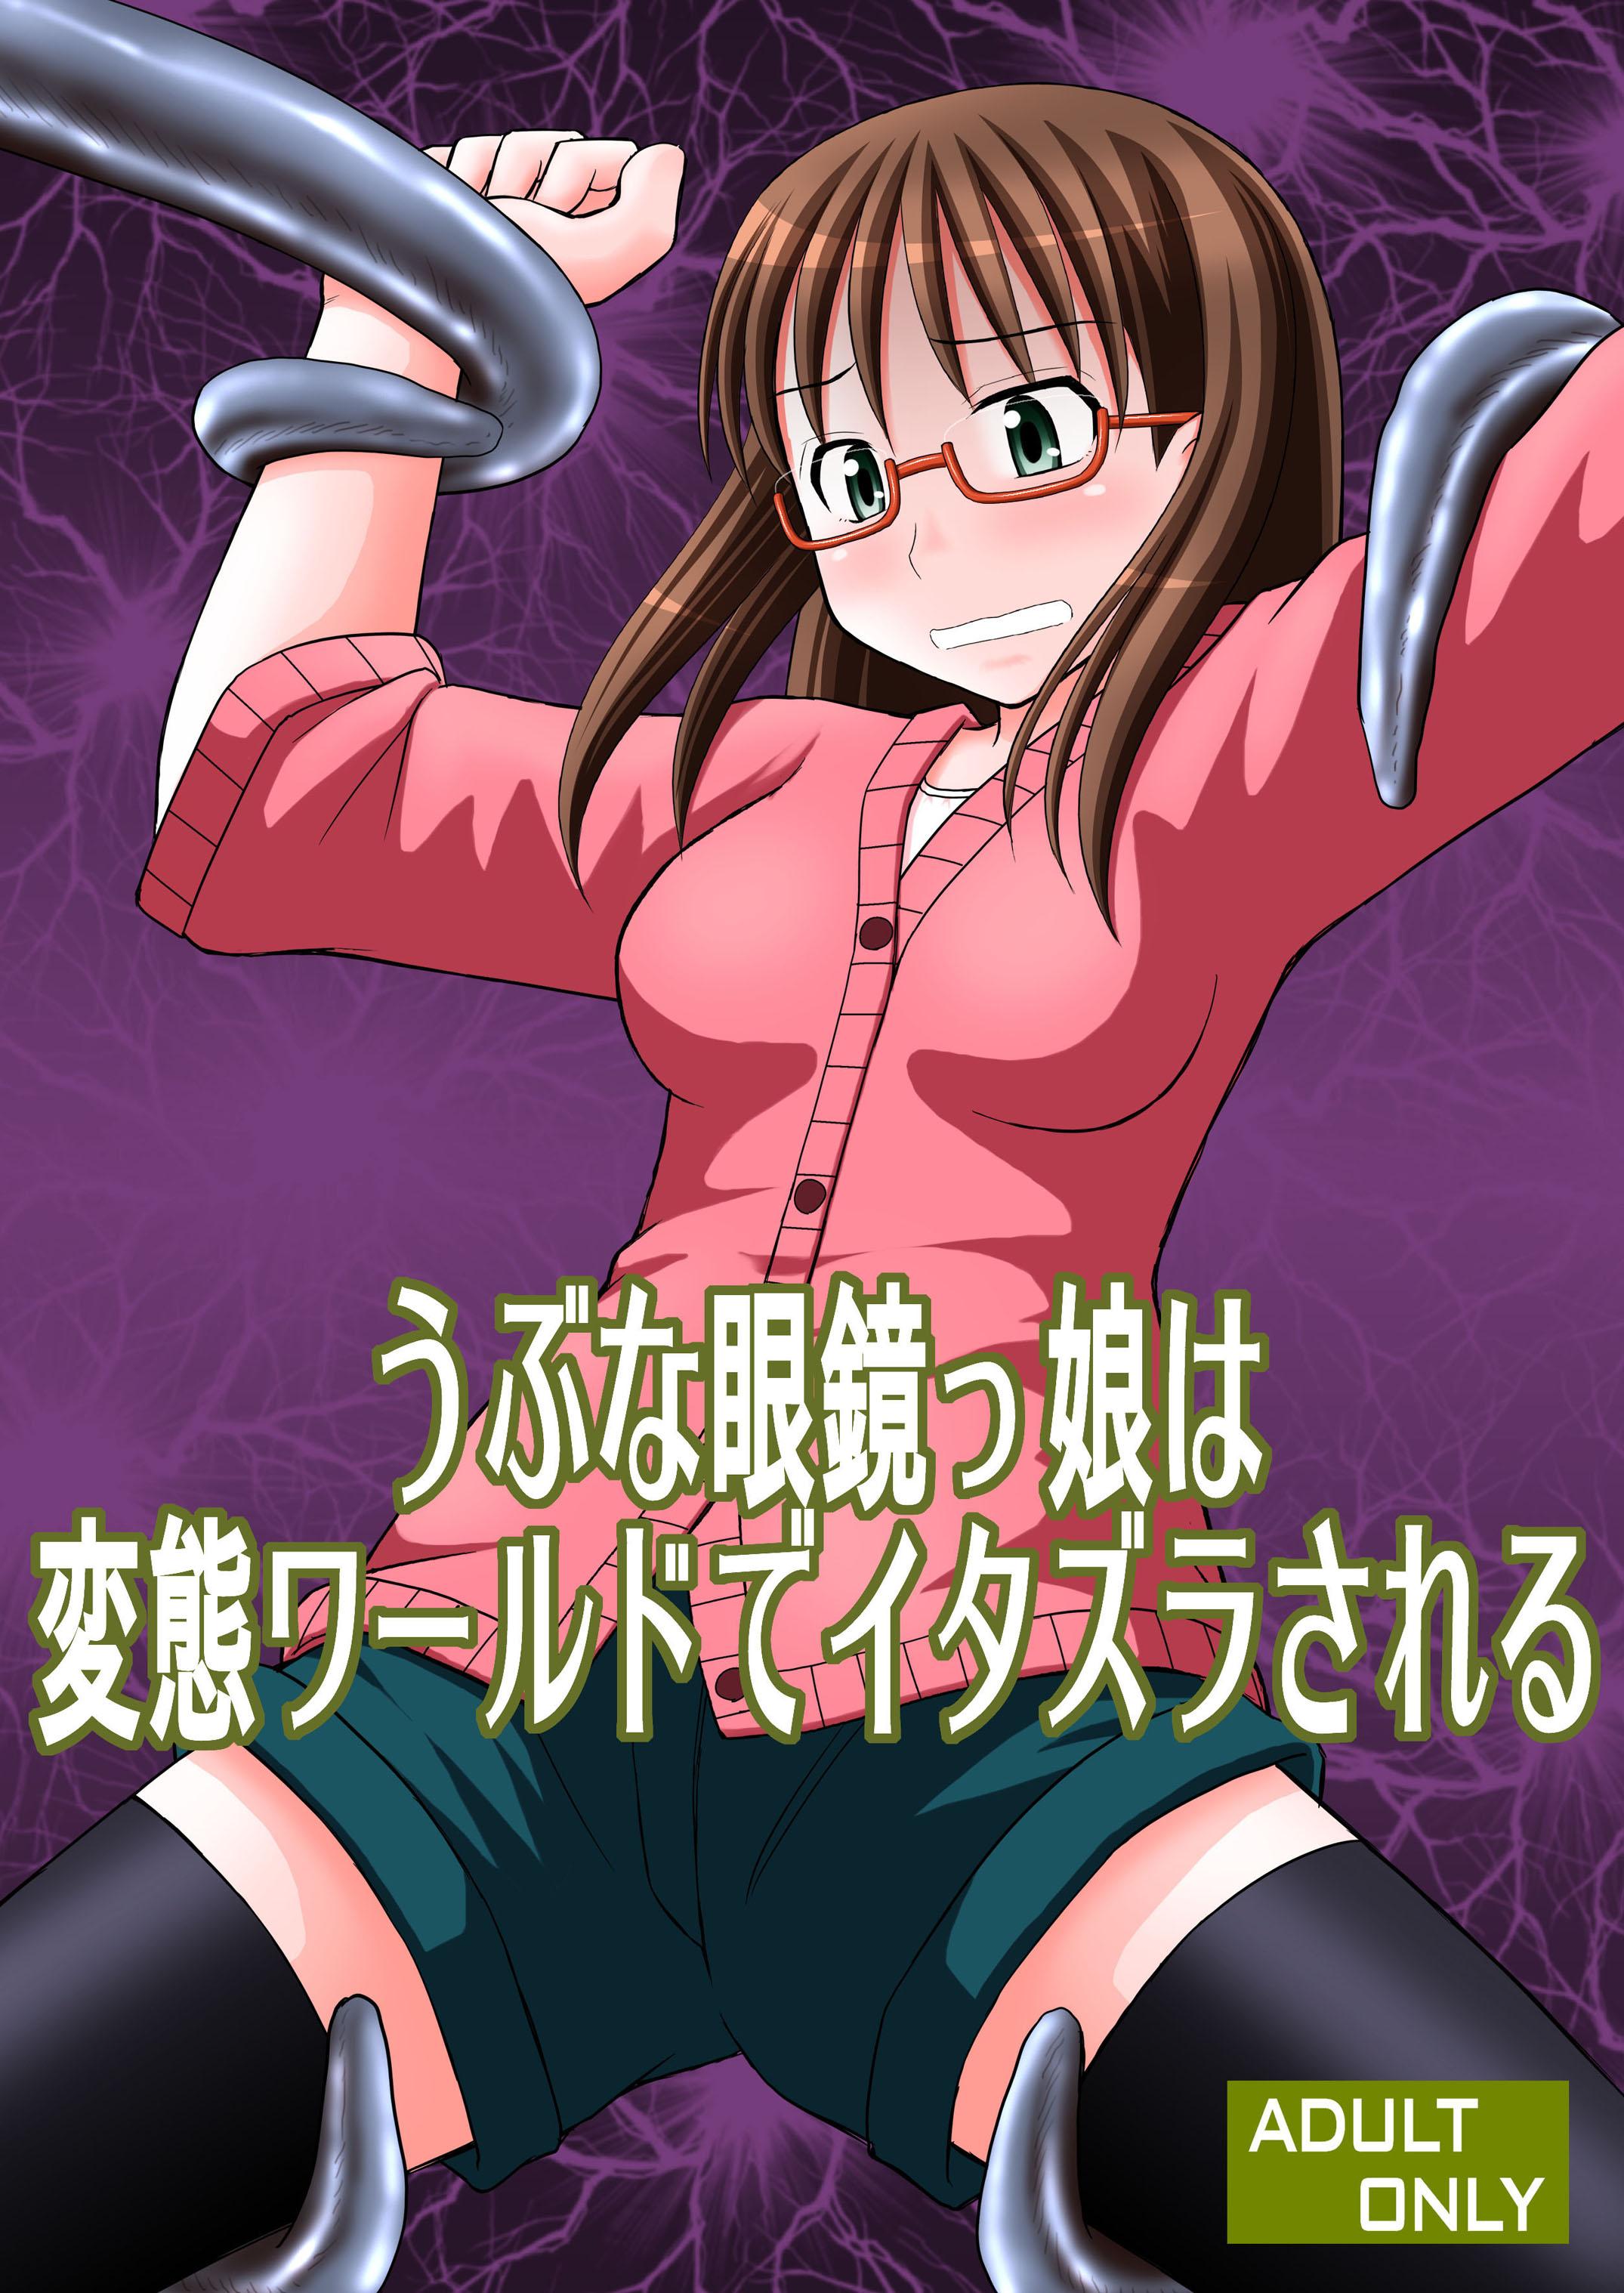 【よんアザ】うぶな眼鏡っ娘の佐隈さんが山イモを注入されたり、膣内で放尿されたり…。の画像1枚目